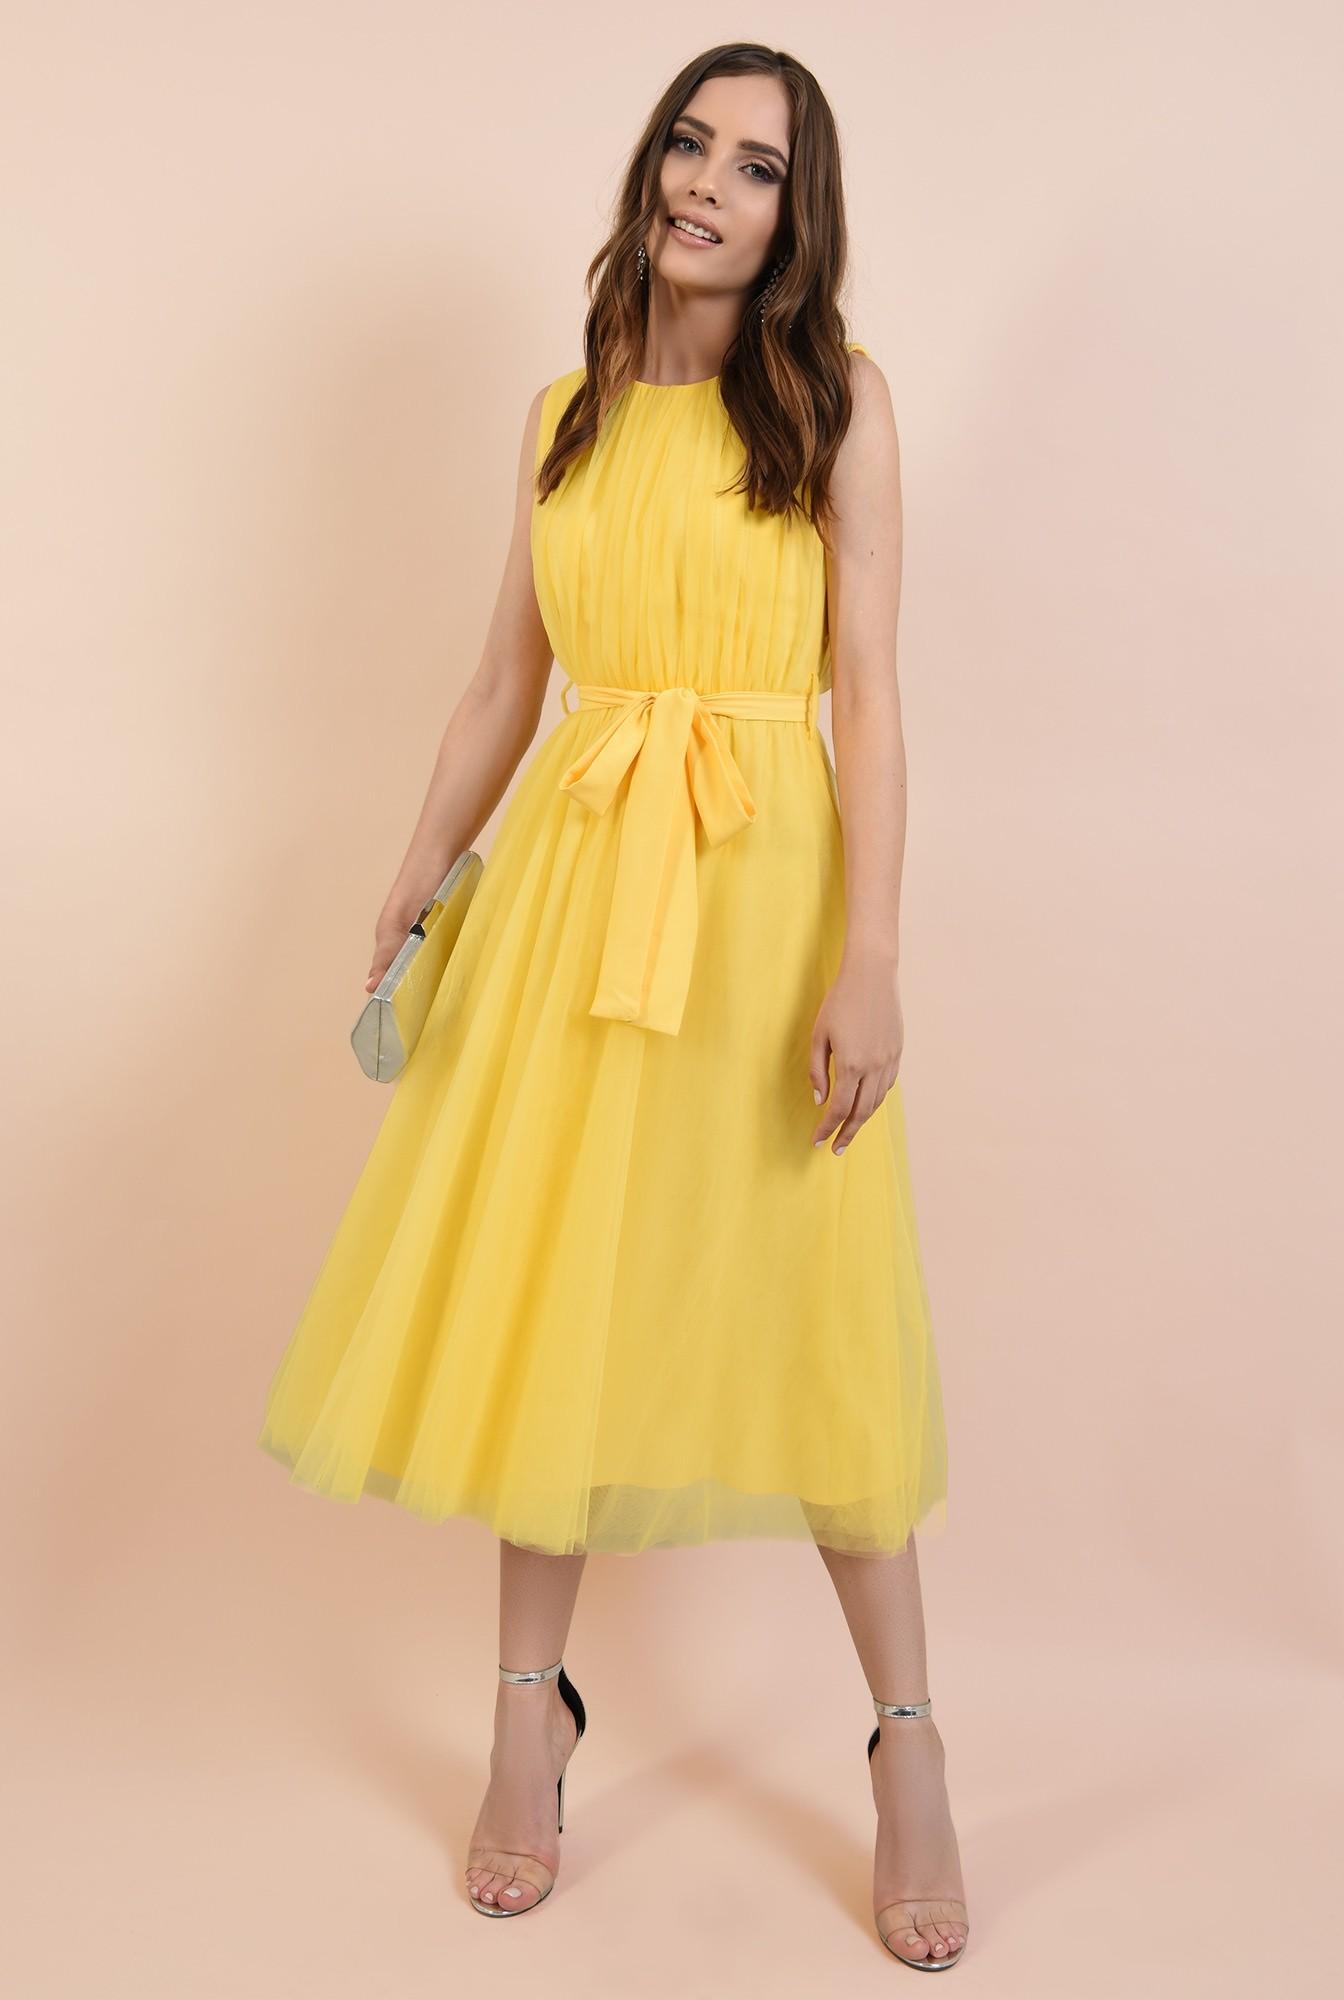 3 - rochie de seara, din tul galben, funda la talie, Poema, croi clos